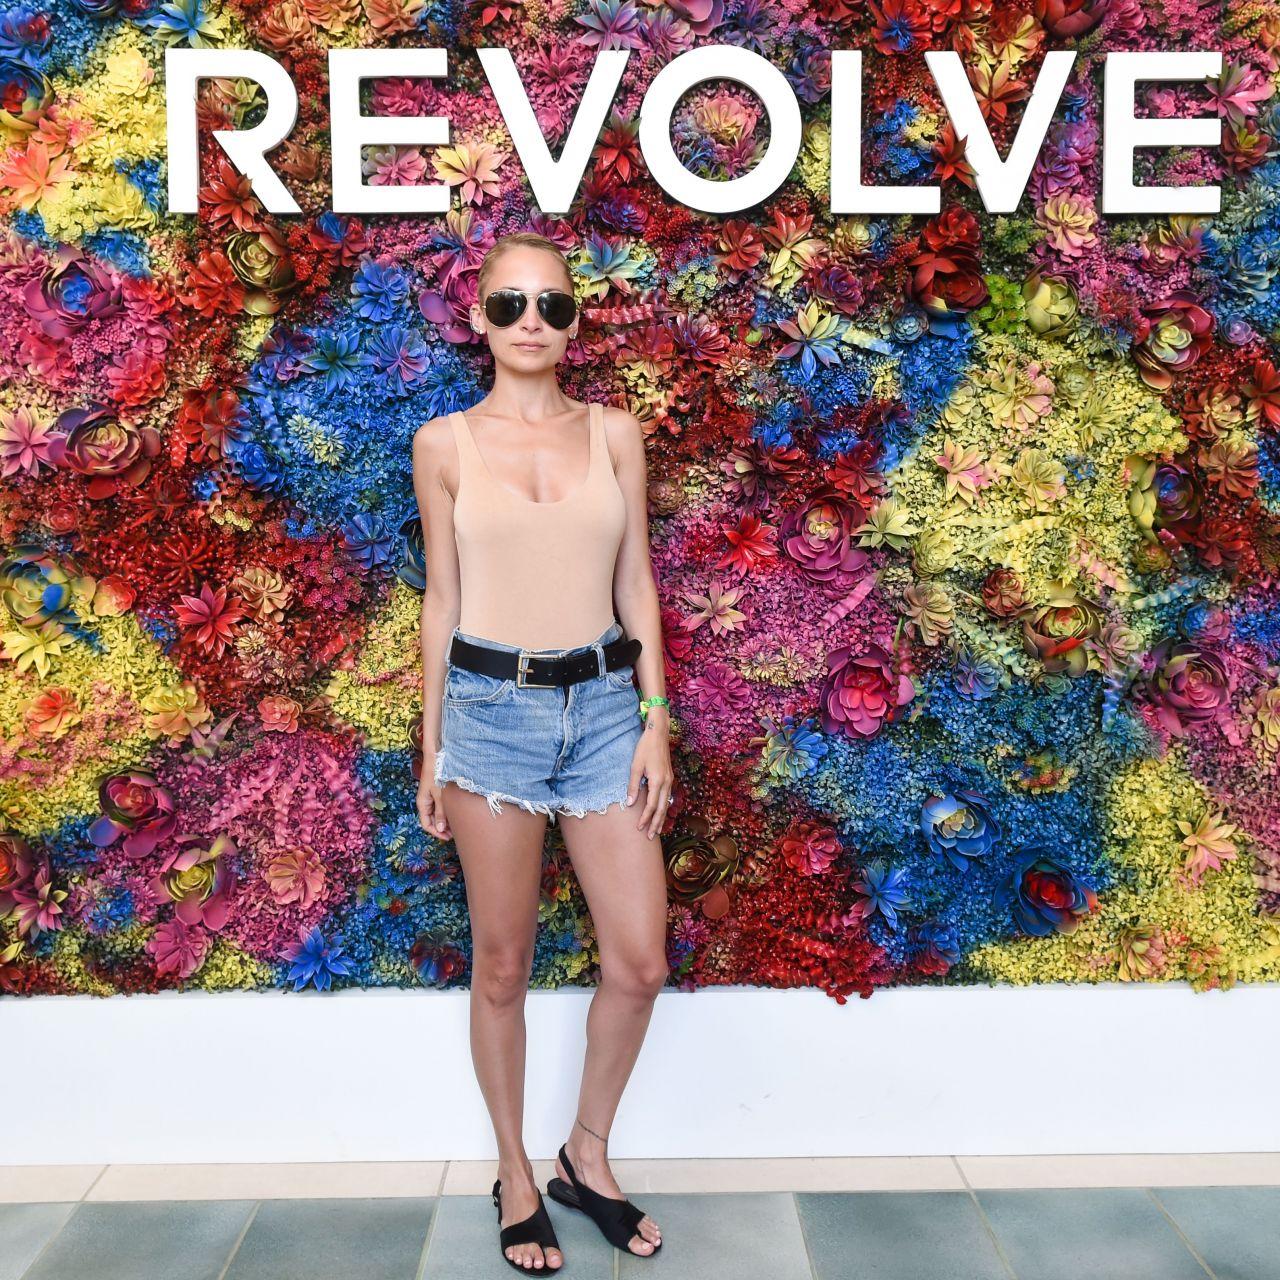 Revolve Boutiques: REVOLVE Festival At Coachella In Palm